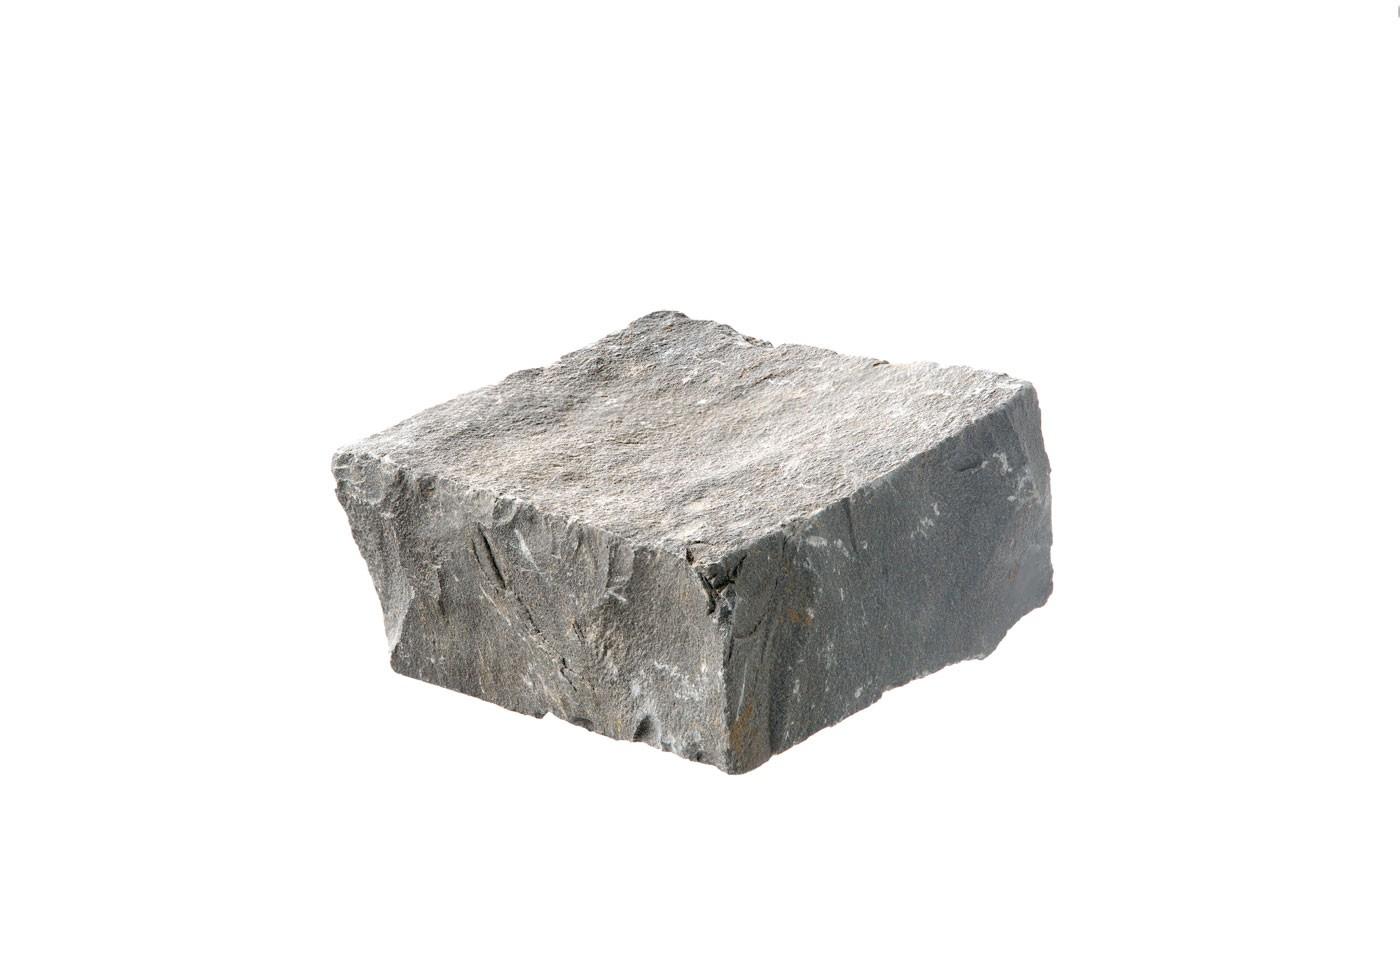 Pav en pierre naturelle basalte cliv 10 x 10 cm ep 6 cm - Pave pierre naturelle ...